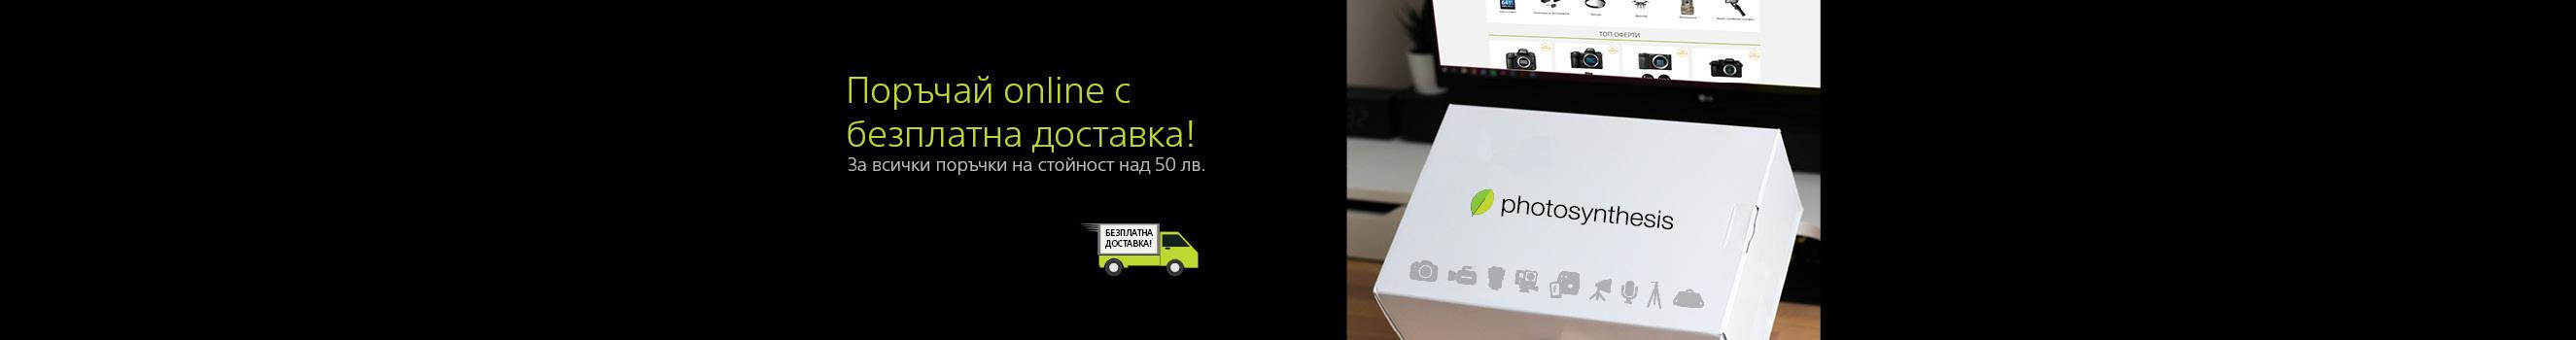 Безплатна доставка за цяла България за поръчки над 50 лв.